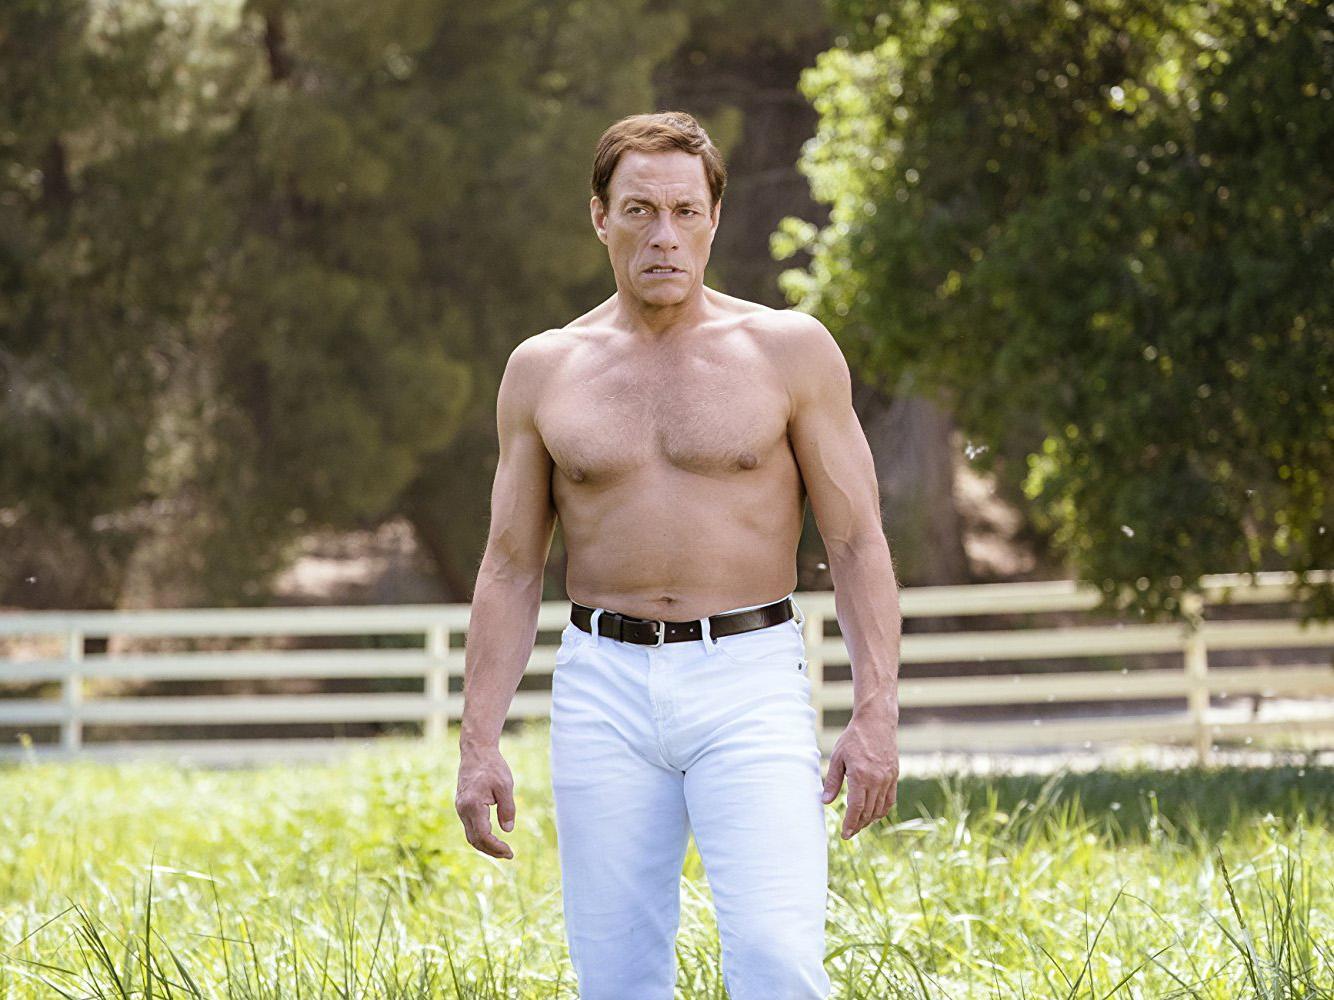 Jean Claude Van Damme on playing Jean Claude Van Damme, for